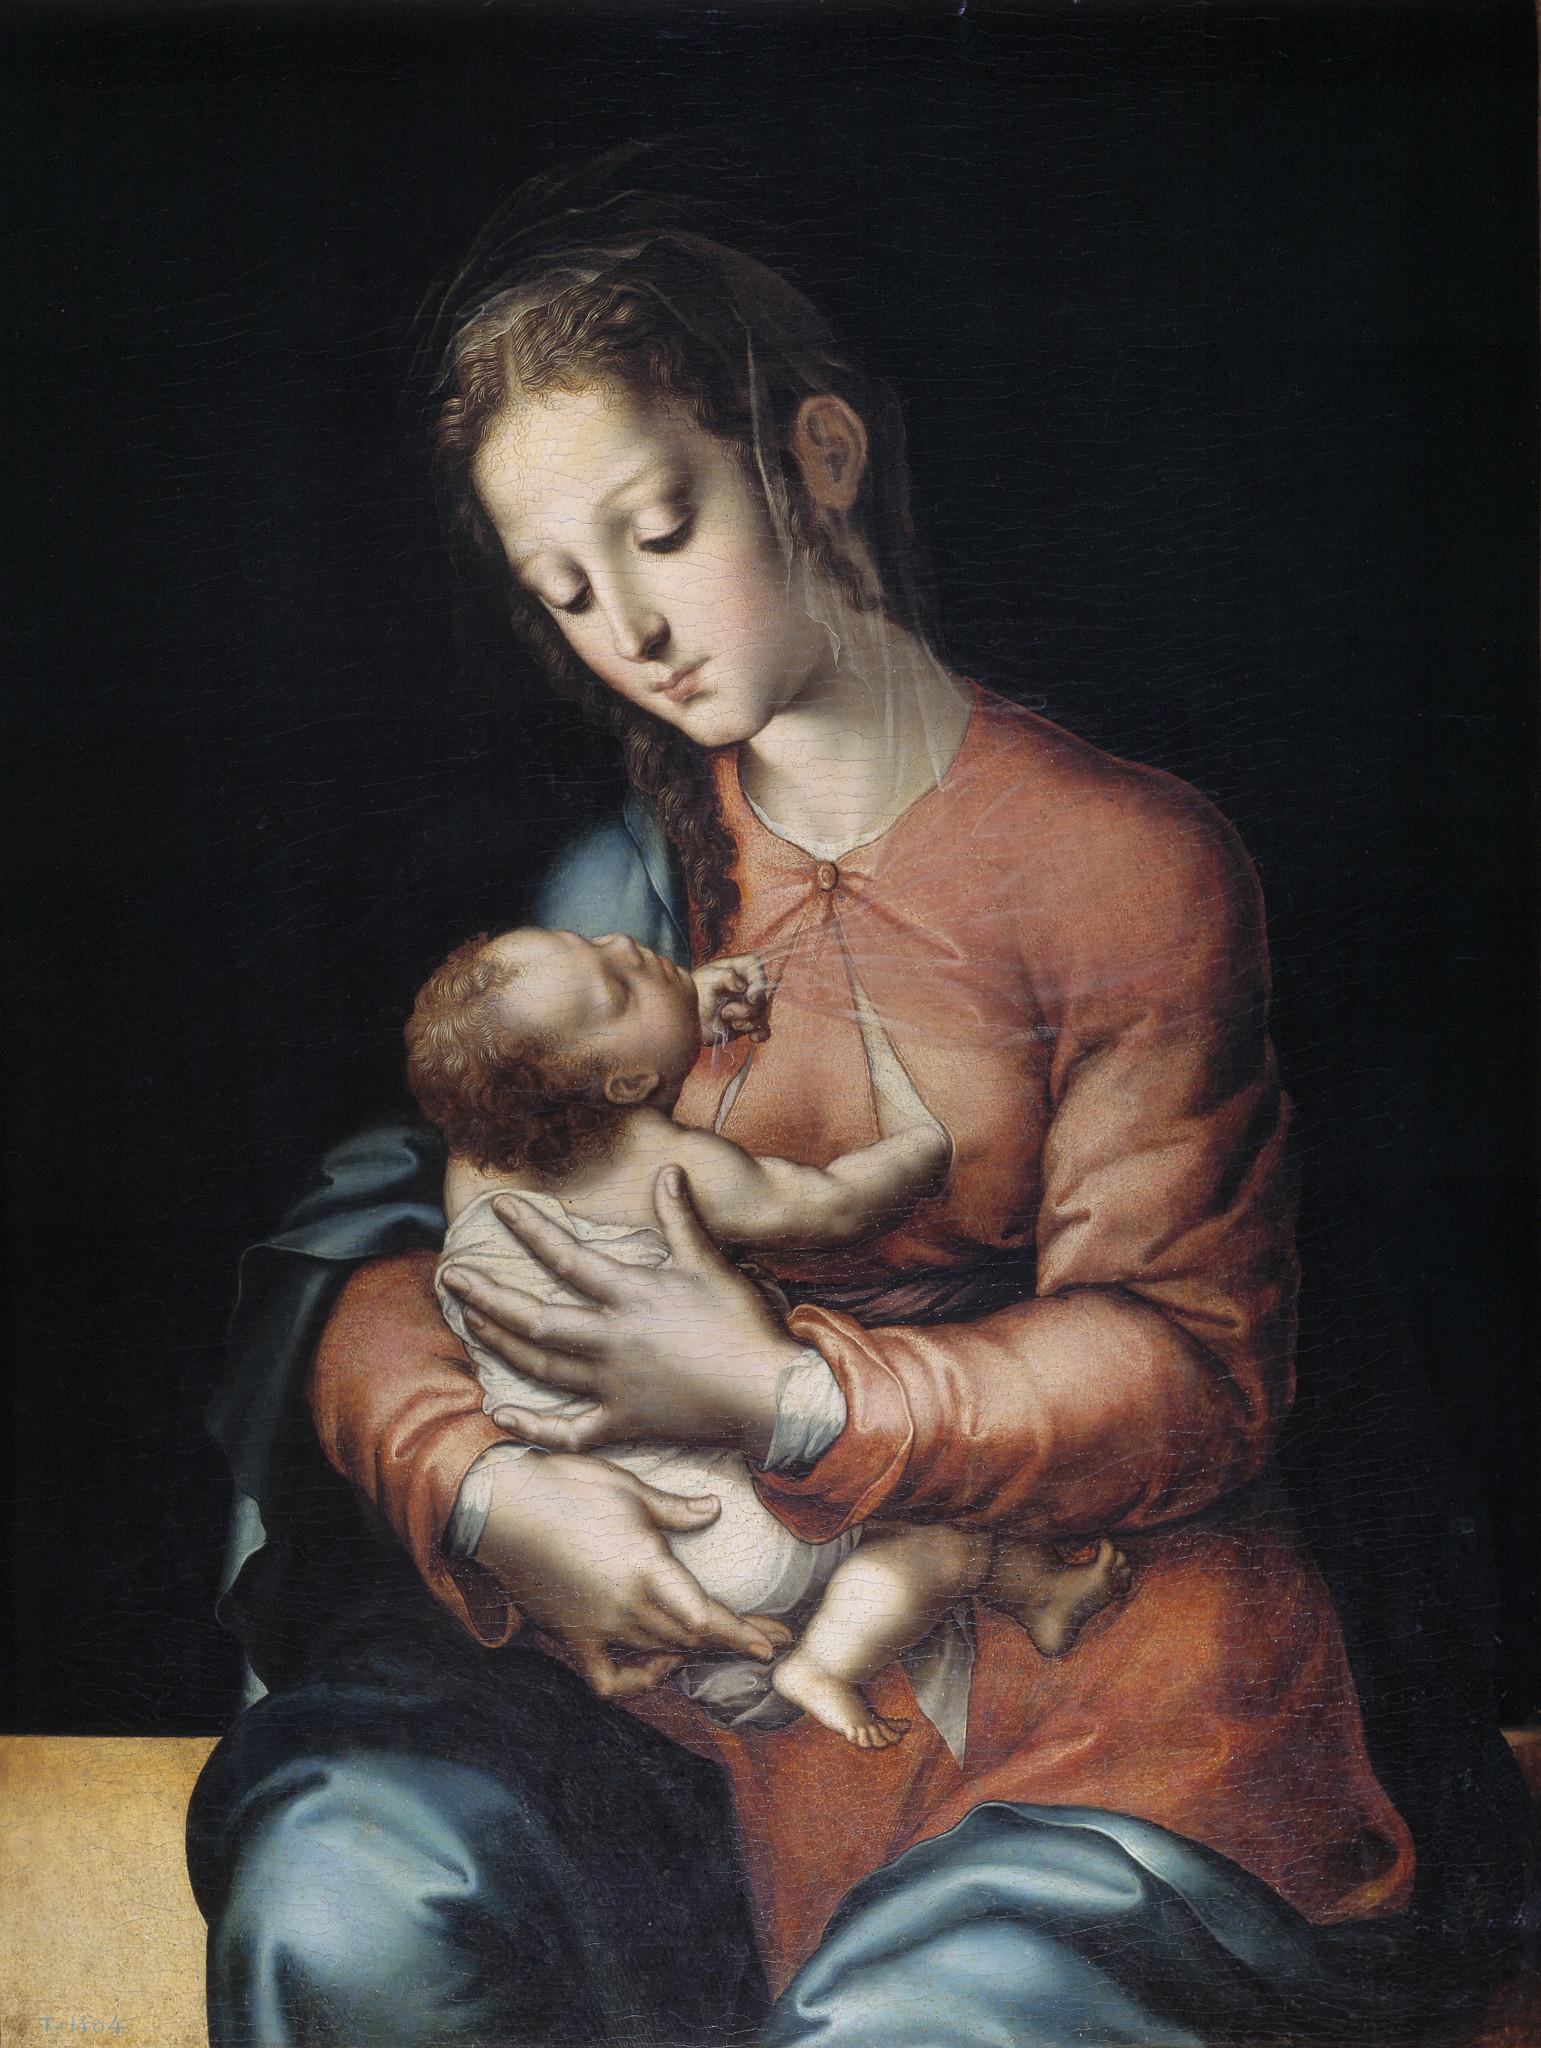 La Virgen de la leche, Luis de Morales, cerca de 1565, Museu do Prado de Madrid, Espanha.